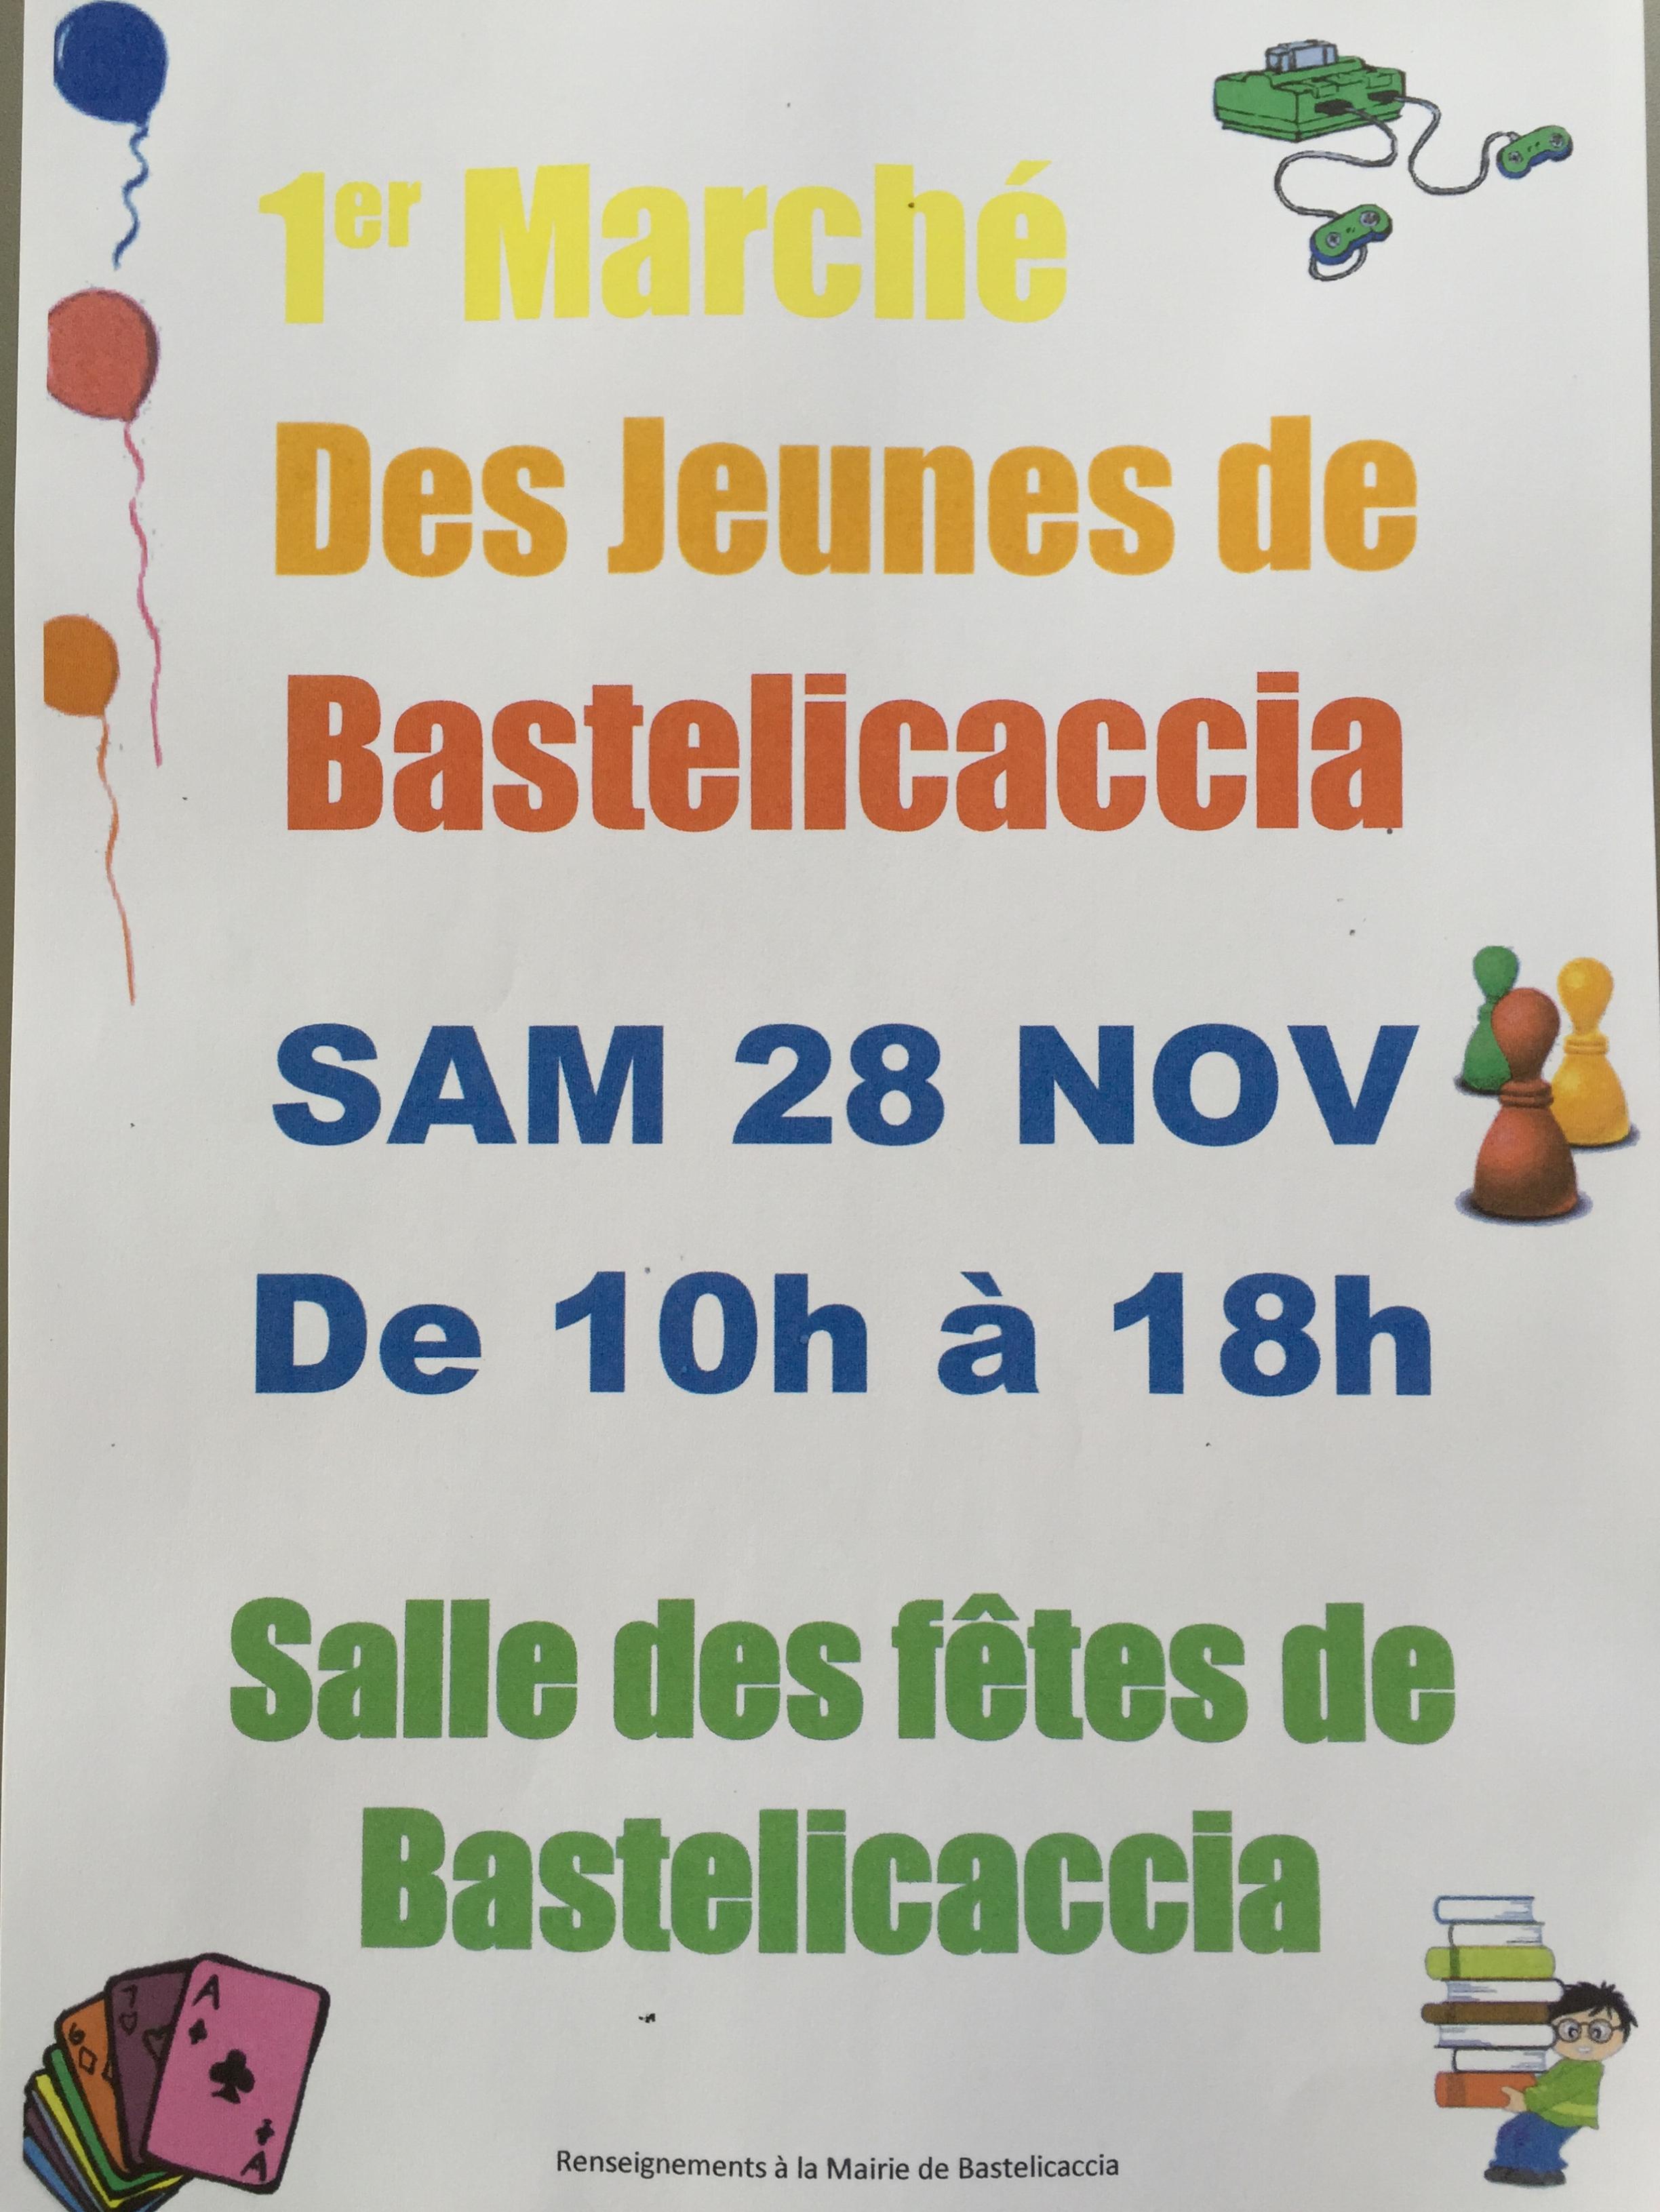 Bastelicaccia lance son premier marché des jeunes